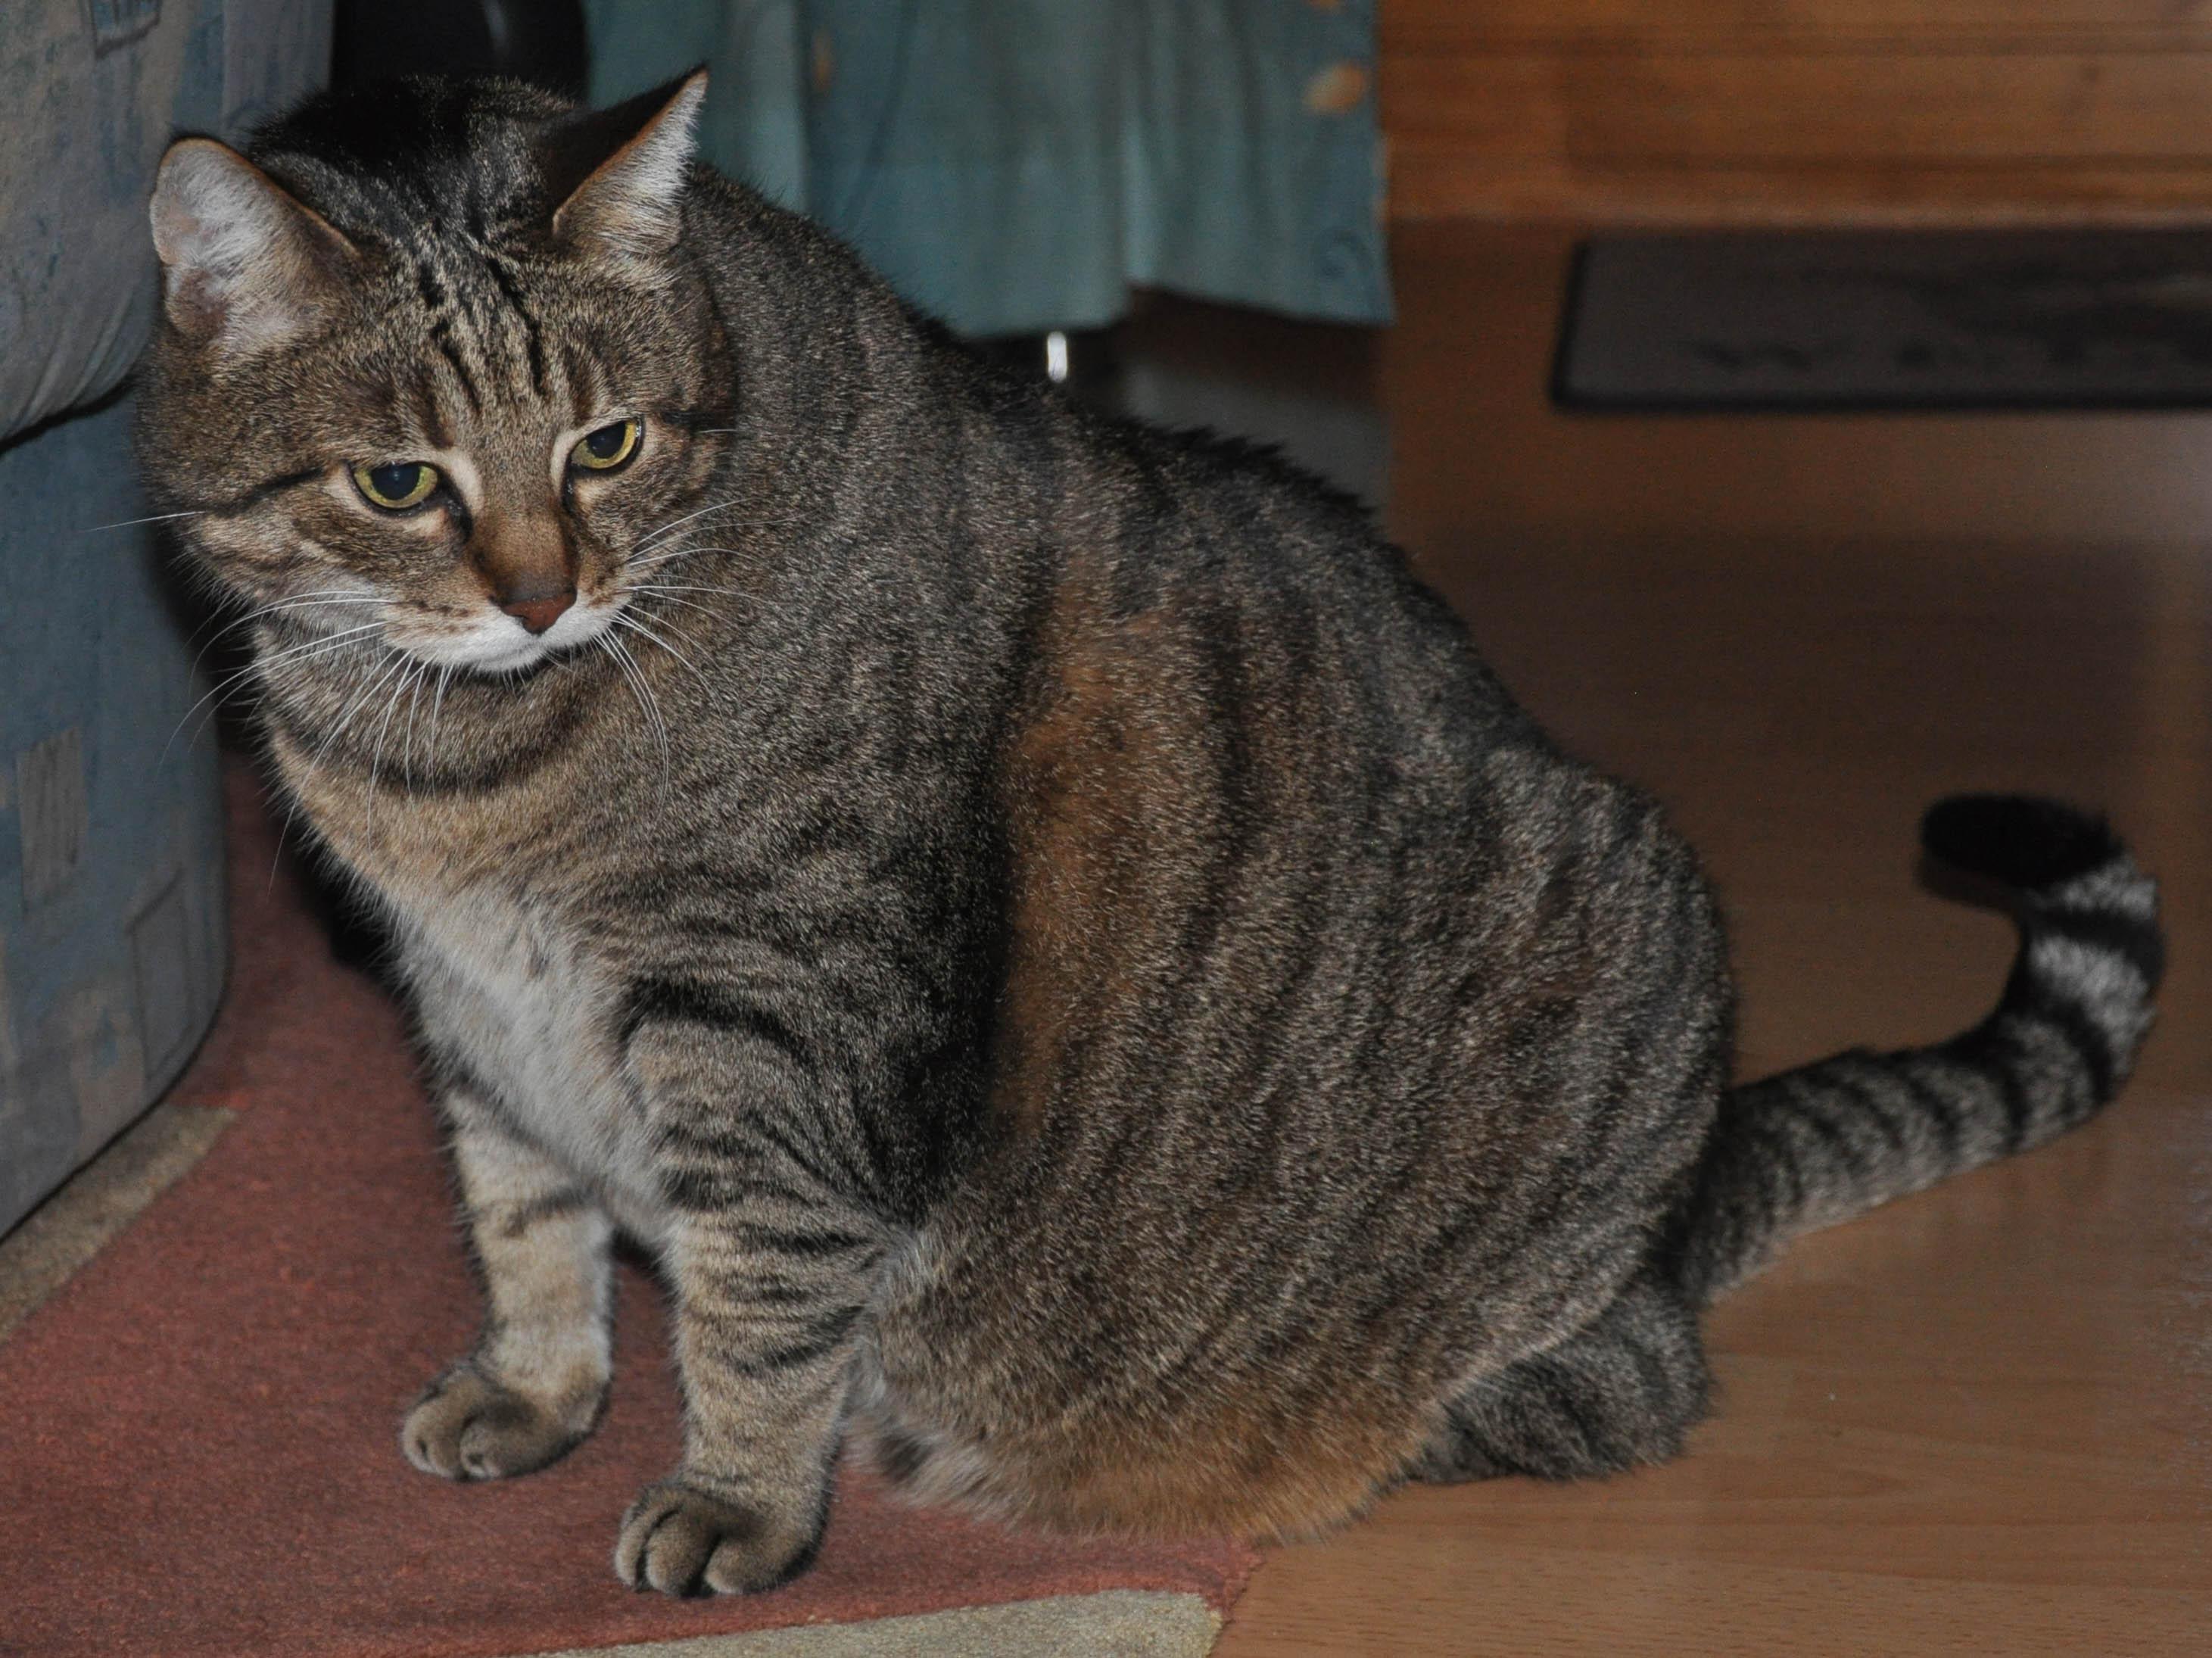 In Ballungsgebieten liegen die Territorien hingegen oft so dicht beisammen, dass es zu Kämpfen, insbesondere unter Katern, kommt. Da erwachsene Katzen in der Regel in etwa gleich groß und stark sind, sind Kämpfe normalerweise nicht lebensgefährlich, können aber zu ernsthaften Blessuren führen.